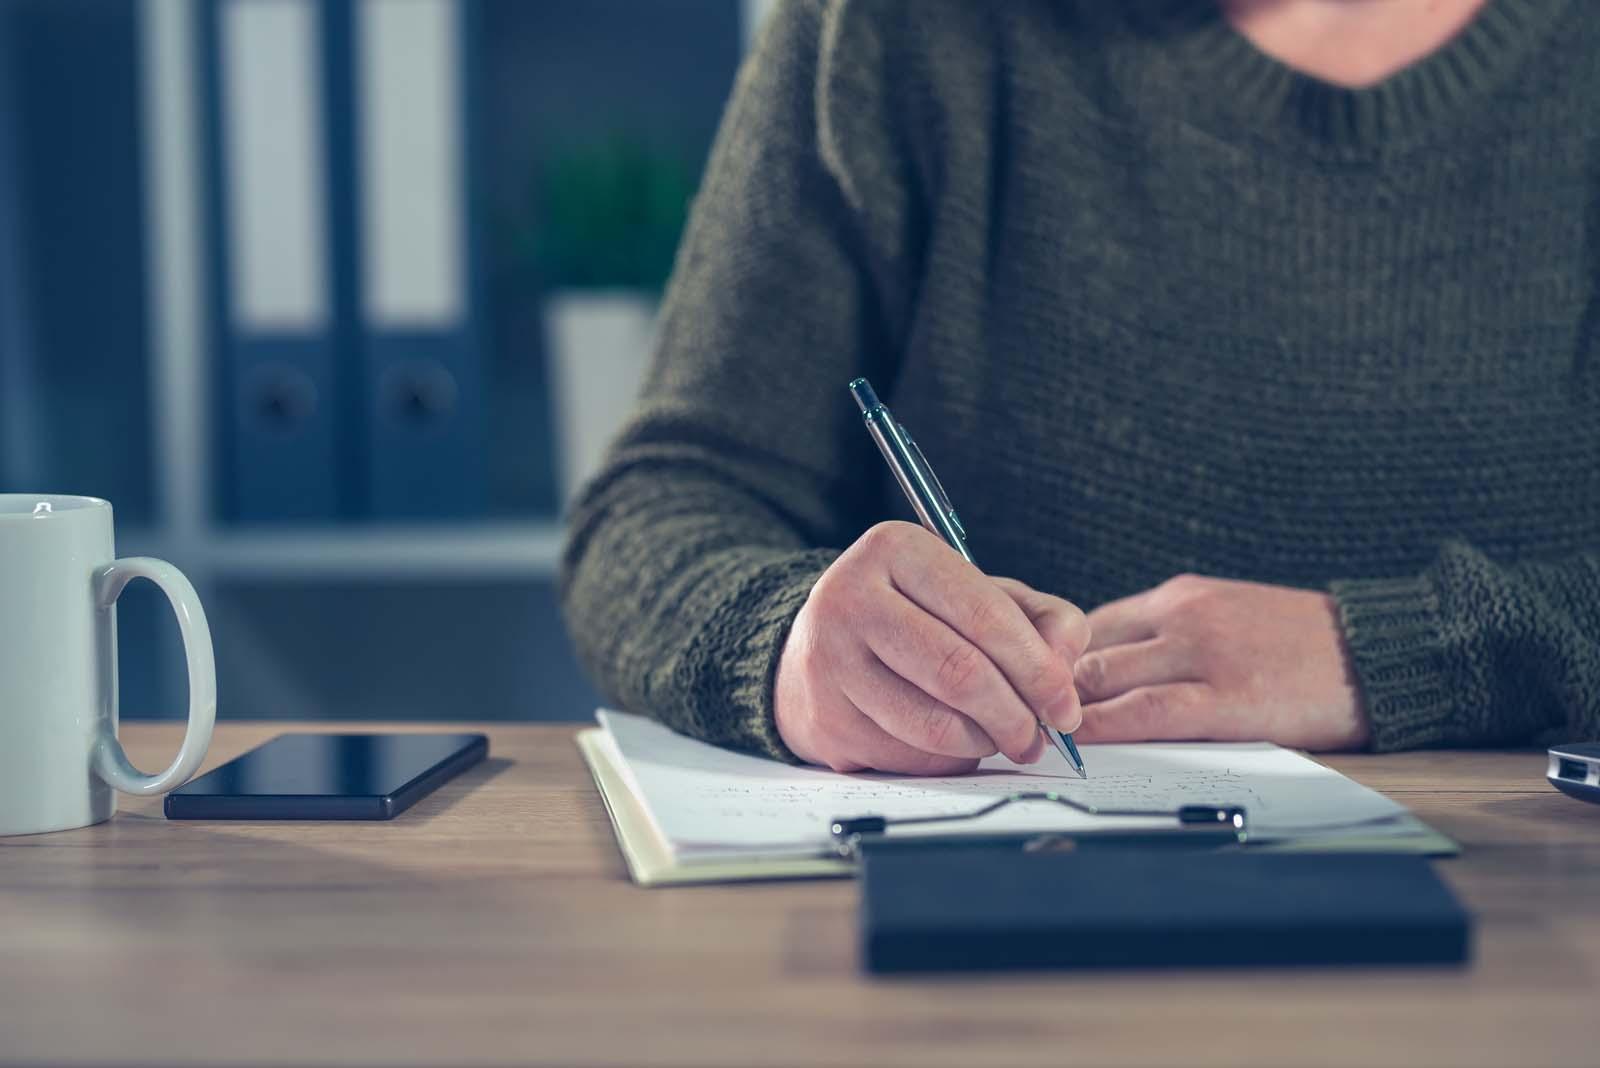 freelancer taking notes